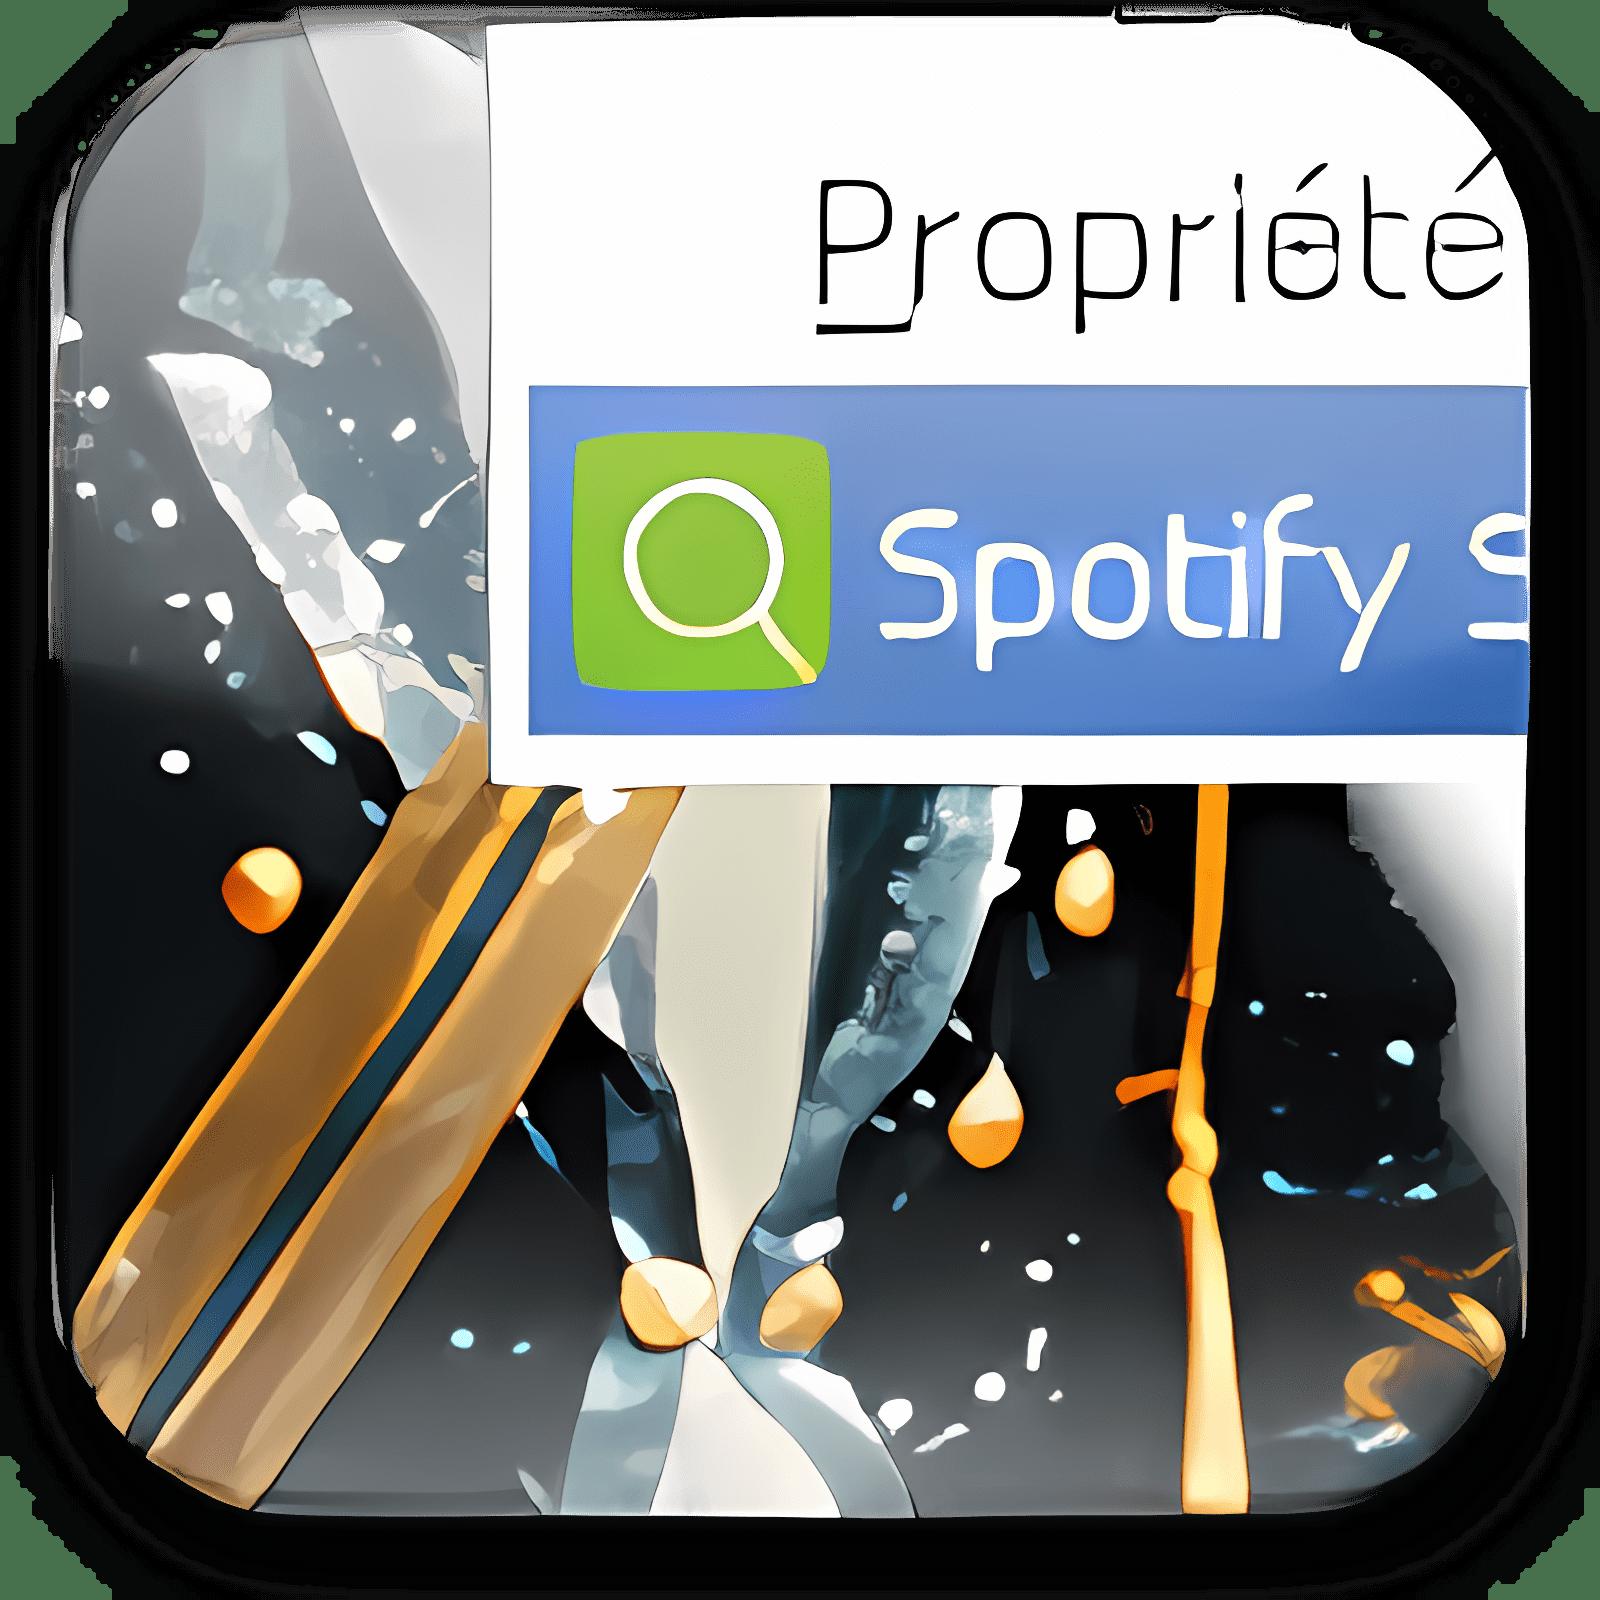 Spotify Search